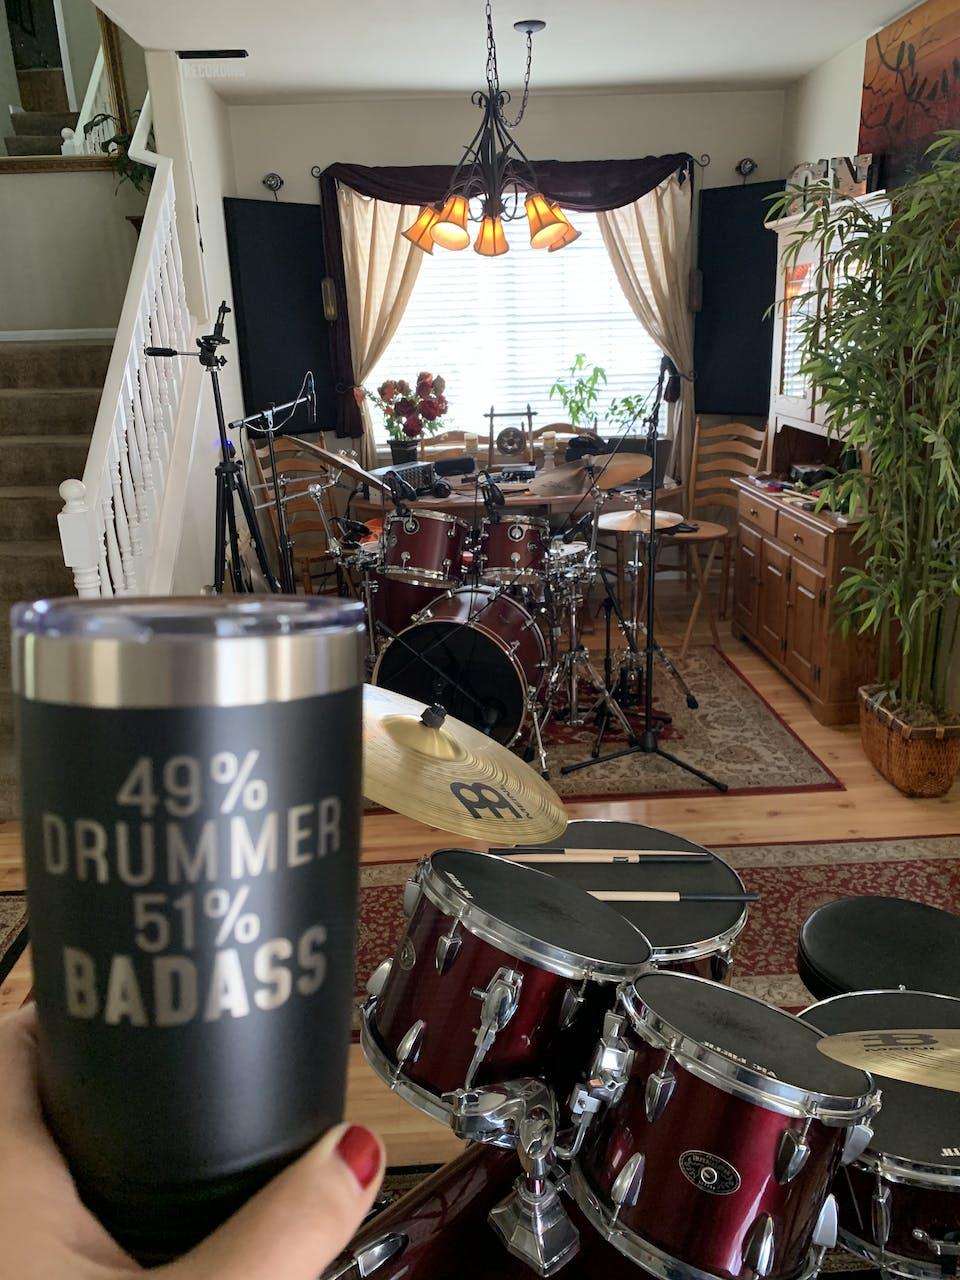 Best Drumming Gift: 49% Drummer 51% Badass Insulated Tumbler 20oz